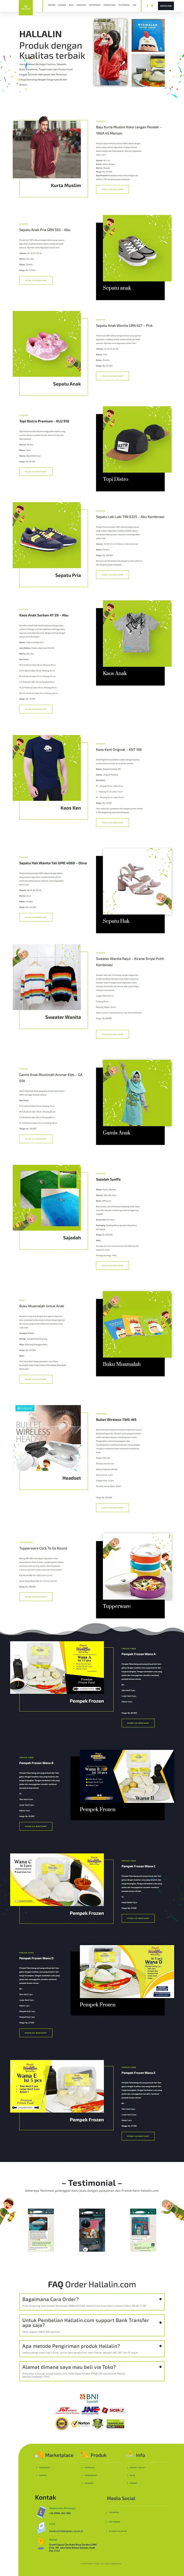 Contoh Landing Page Produk Jaket, Sepatu, Topi, Kaos anak-anak, Dewasa, serta Wanita dan lainnya.